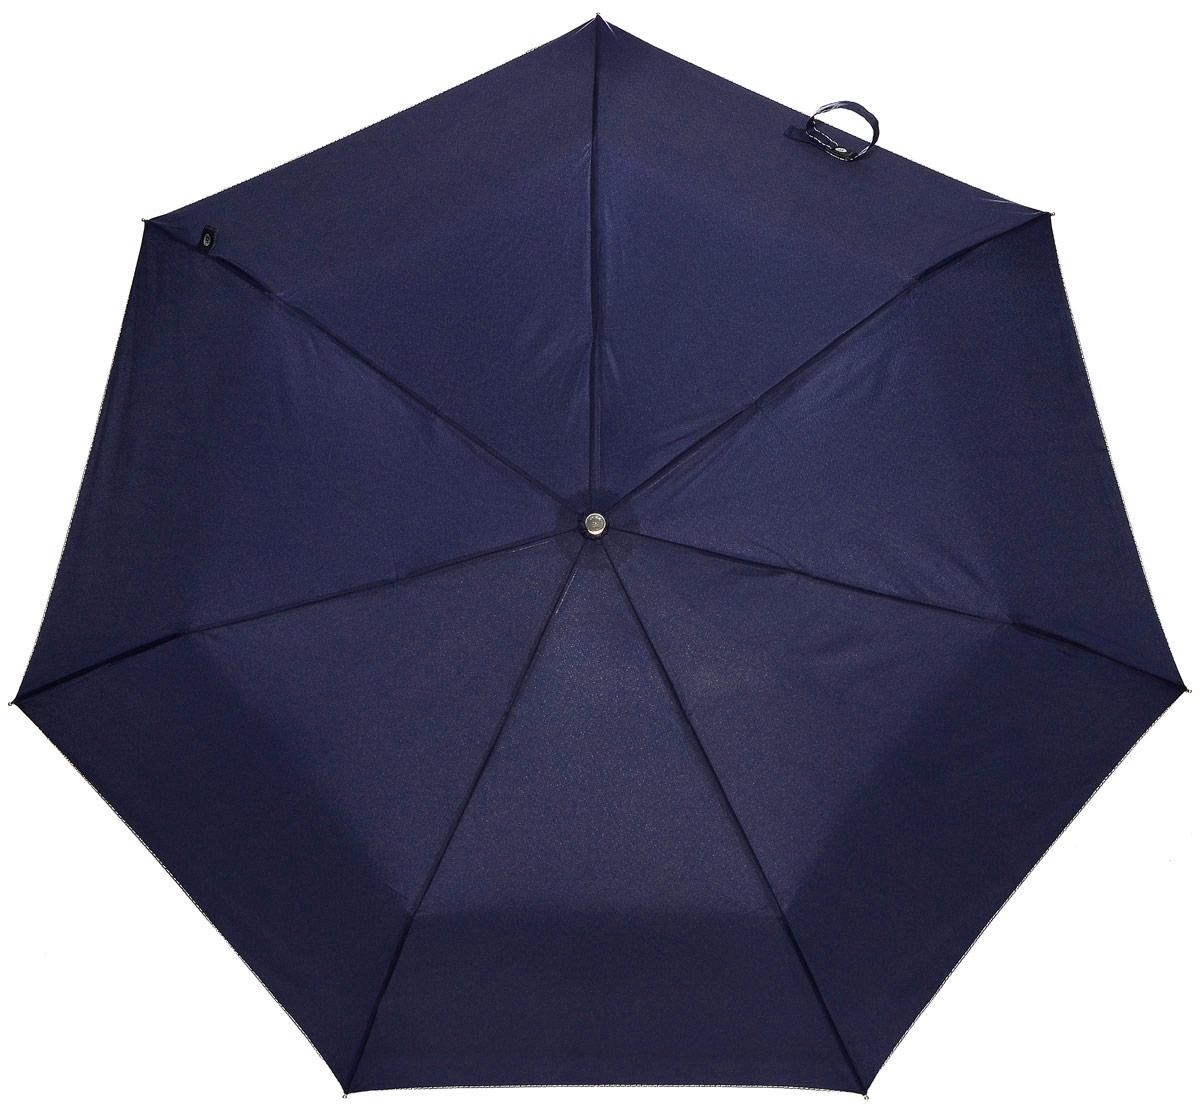 Bisetti 3580-1 Зонт полный автом. 3 сл. жен.45102176/33205/7900XЗонт испанского производителя Clima. В производстве зонтов используются современные материалы, что делает зонты легкими, но в то же время крепкими.Полный автомат, 3 сложения, 8 спиц по 54см, полиэстер.